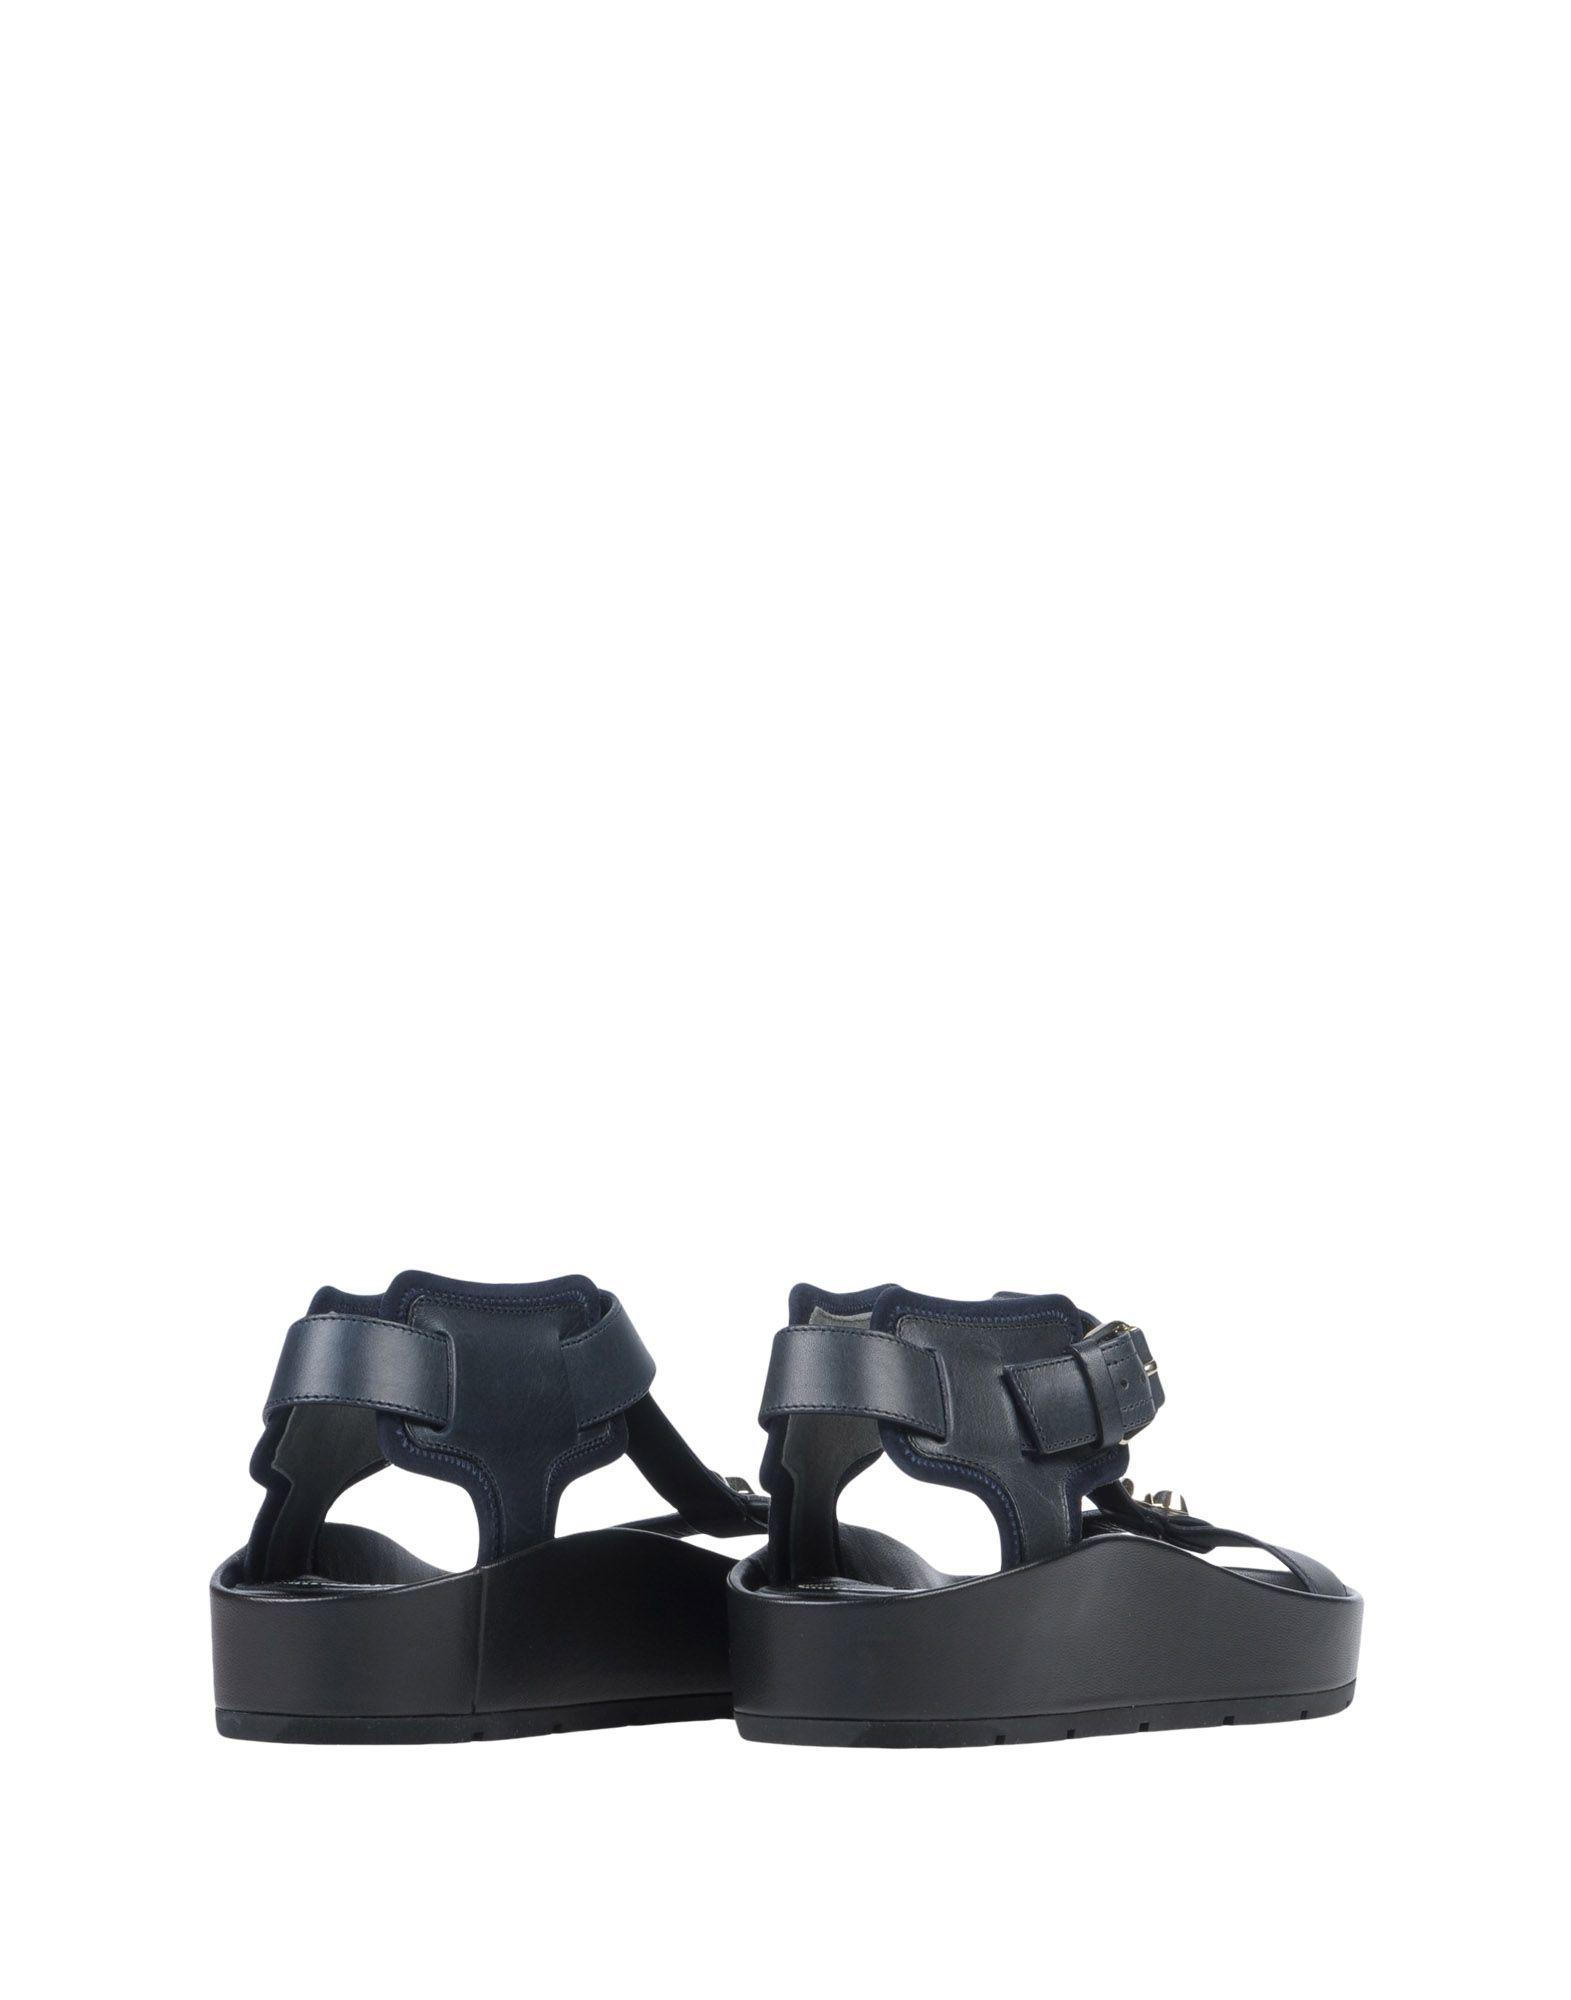 Sandales Balenciaga Femme - Sandales Balenciaga sur